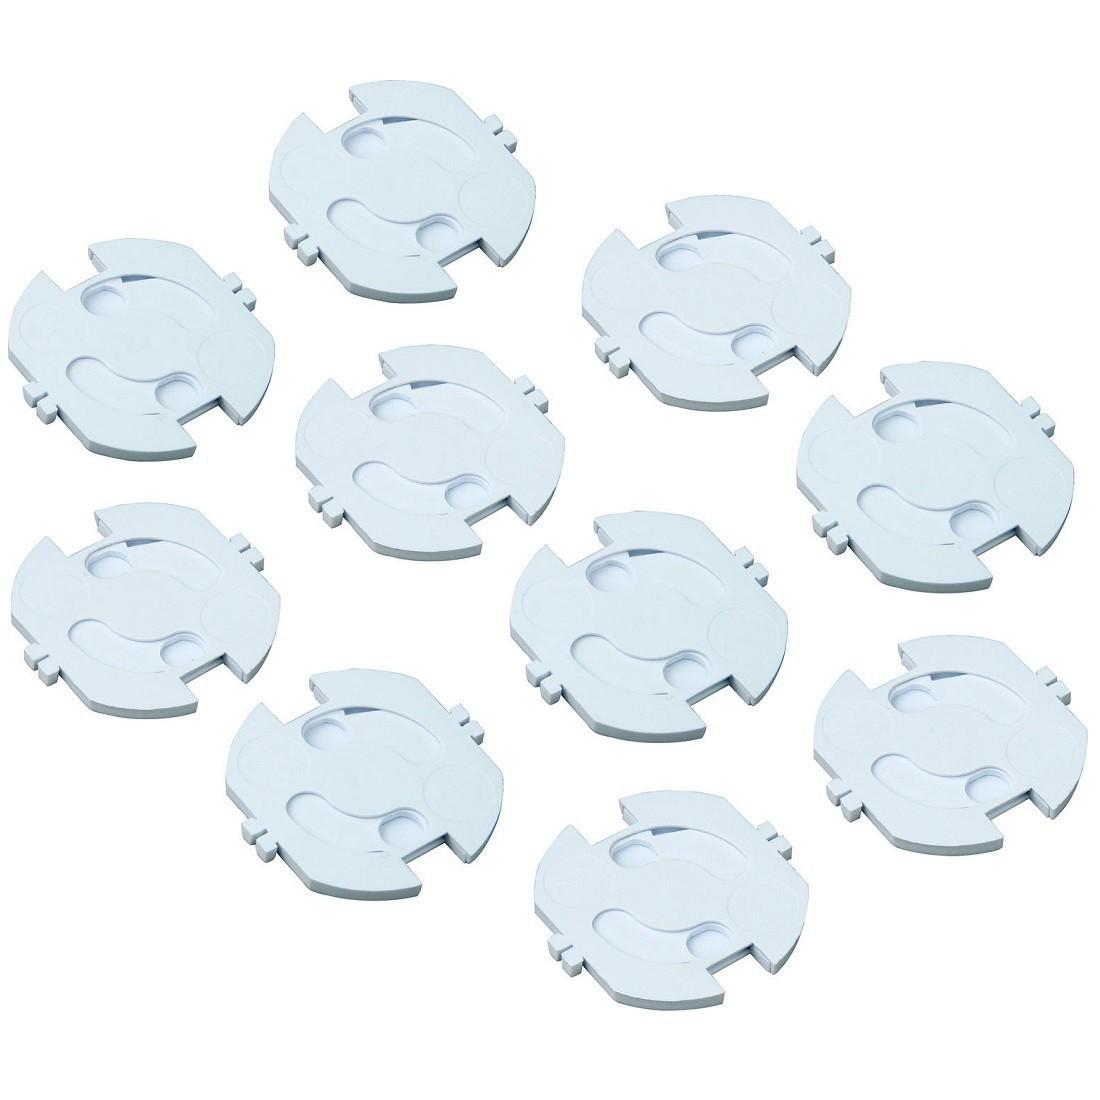 H+H KS 10 Kindersicherung für Steckdosen 10er-Pack selbstklebend